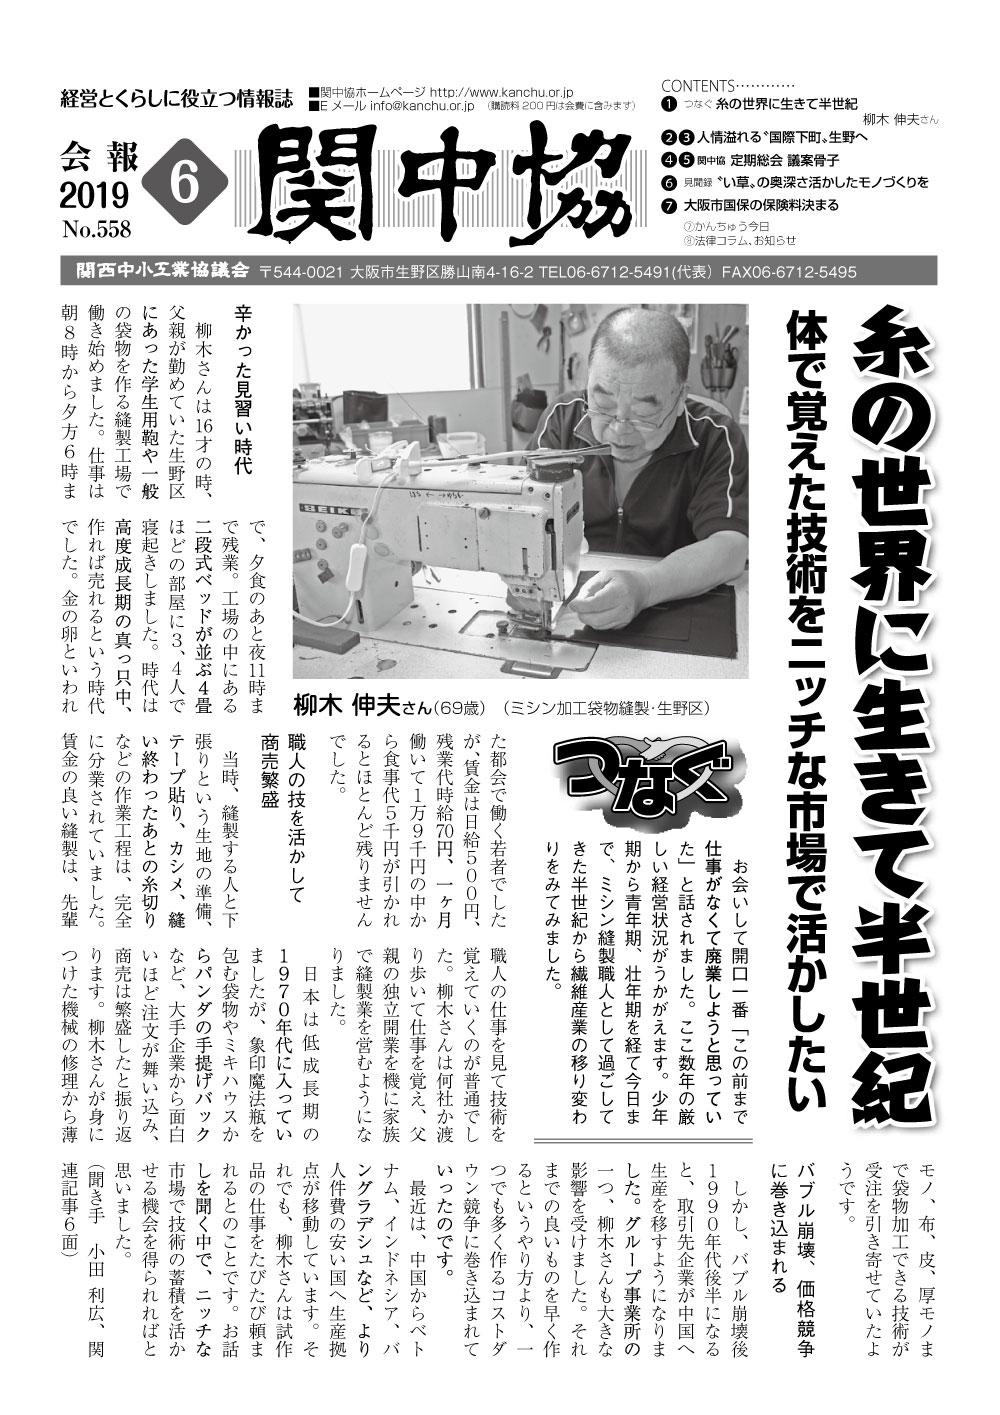 『関中協会報』2019年6月号(第558号)関西中小工業協議会